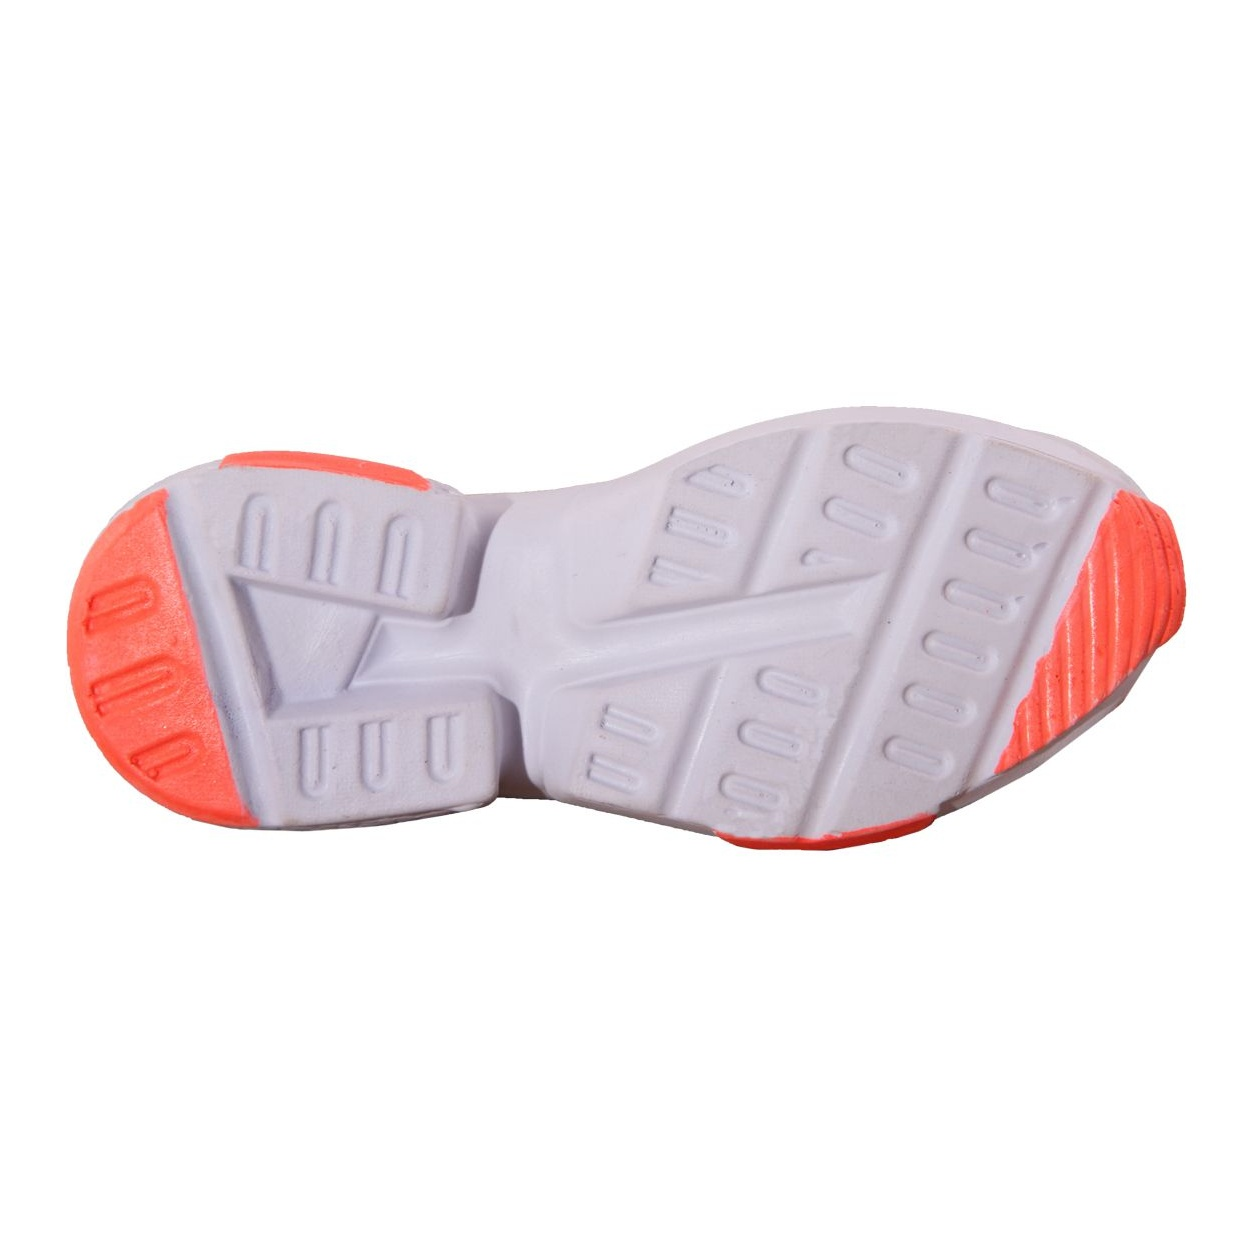 کفش مخصوص پیاده روی زنانه کد 4-39853